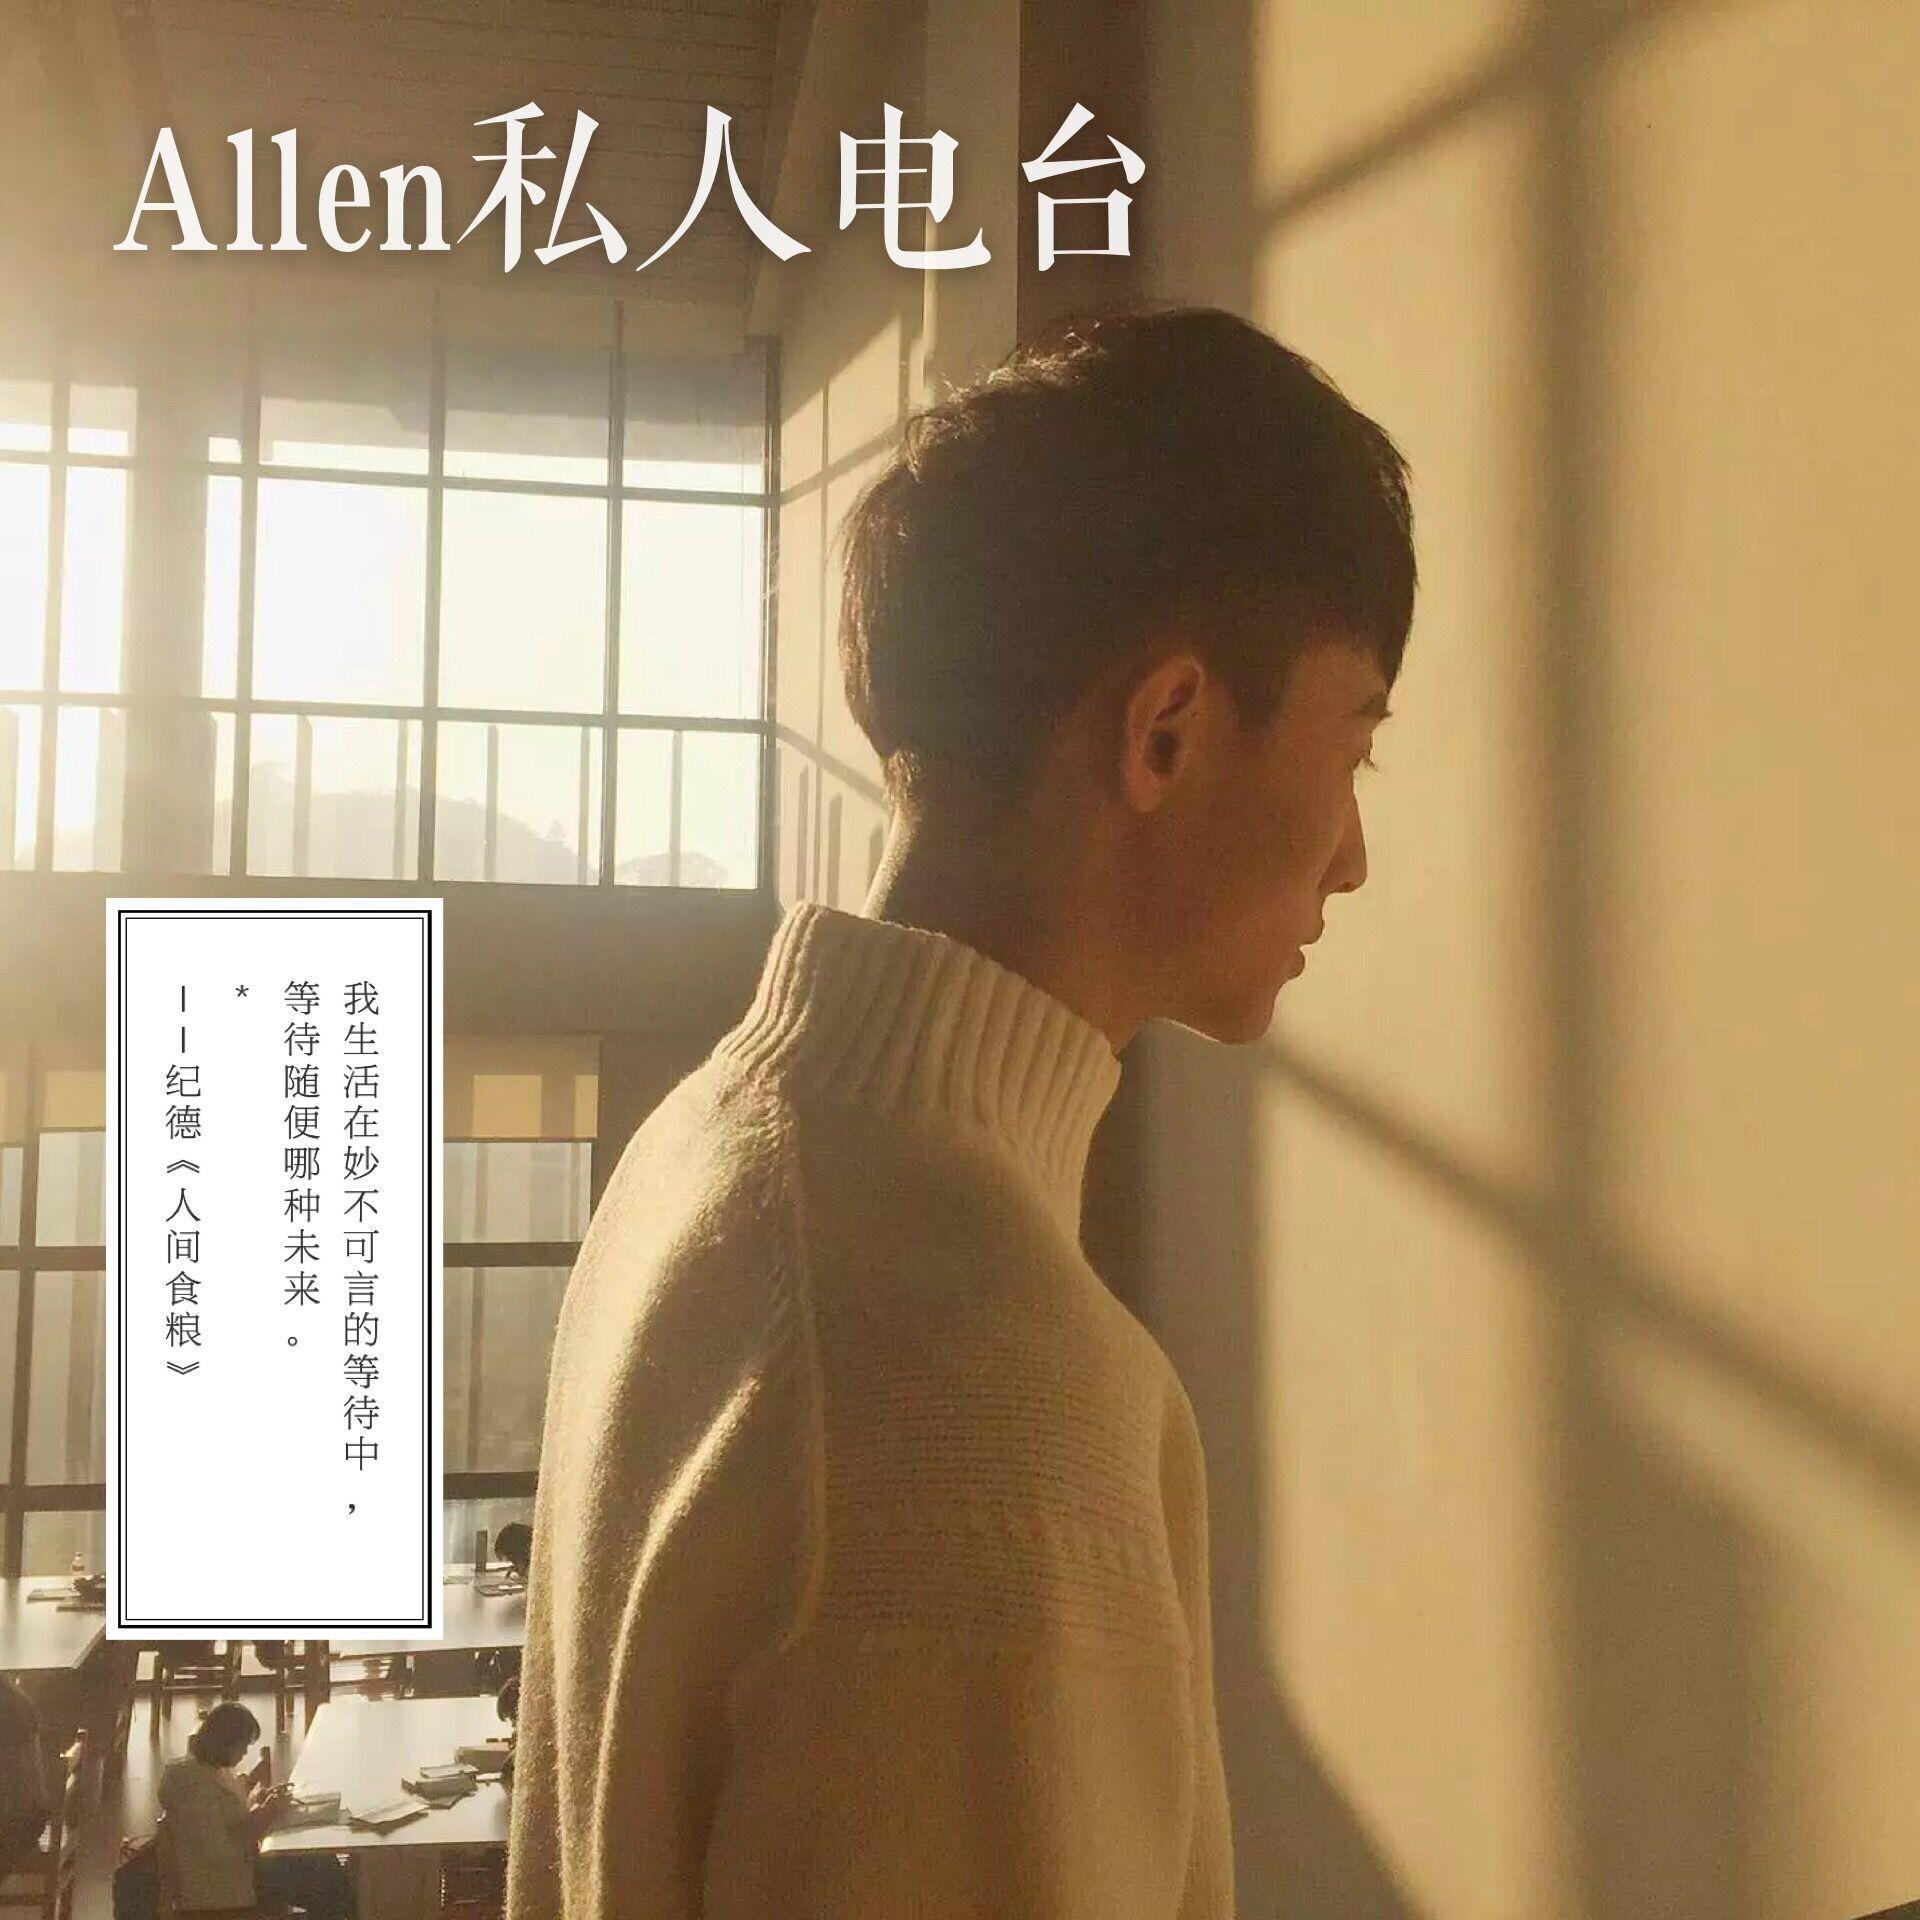 Allen私人电台